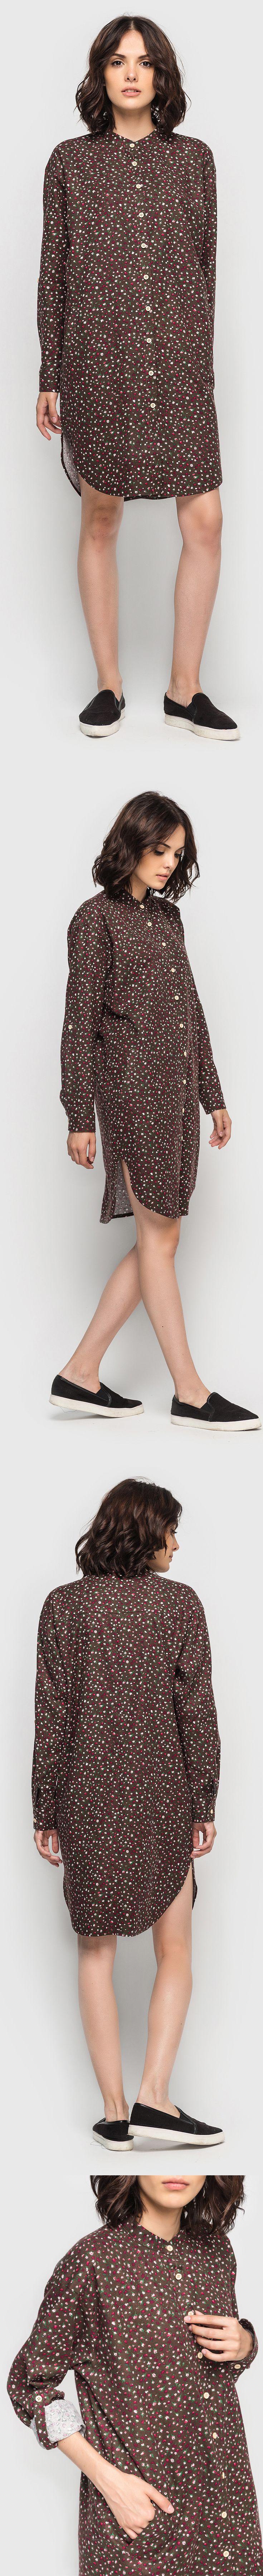 Платье-рубашка кокон фланель мелкоцвет шоколадное 990 грн. Близятся холода, и Вам хочется обновить гардероб? Отличный выбор - демисезонное платье-рубашка с рукавами-трансформерами и кокетливыми разрезами по бокам. Классический прямой крой новинки, длиной чуть выше колена, идеально сидит на фигуре и подчеркивает ее достоинства. Мелкий цветочный принт платья-кокона позволит создать яркий образ, а приятная к телу фланель гарантирует максимальный комфорт. #VOVK